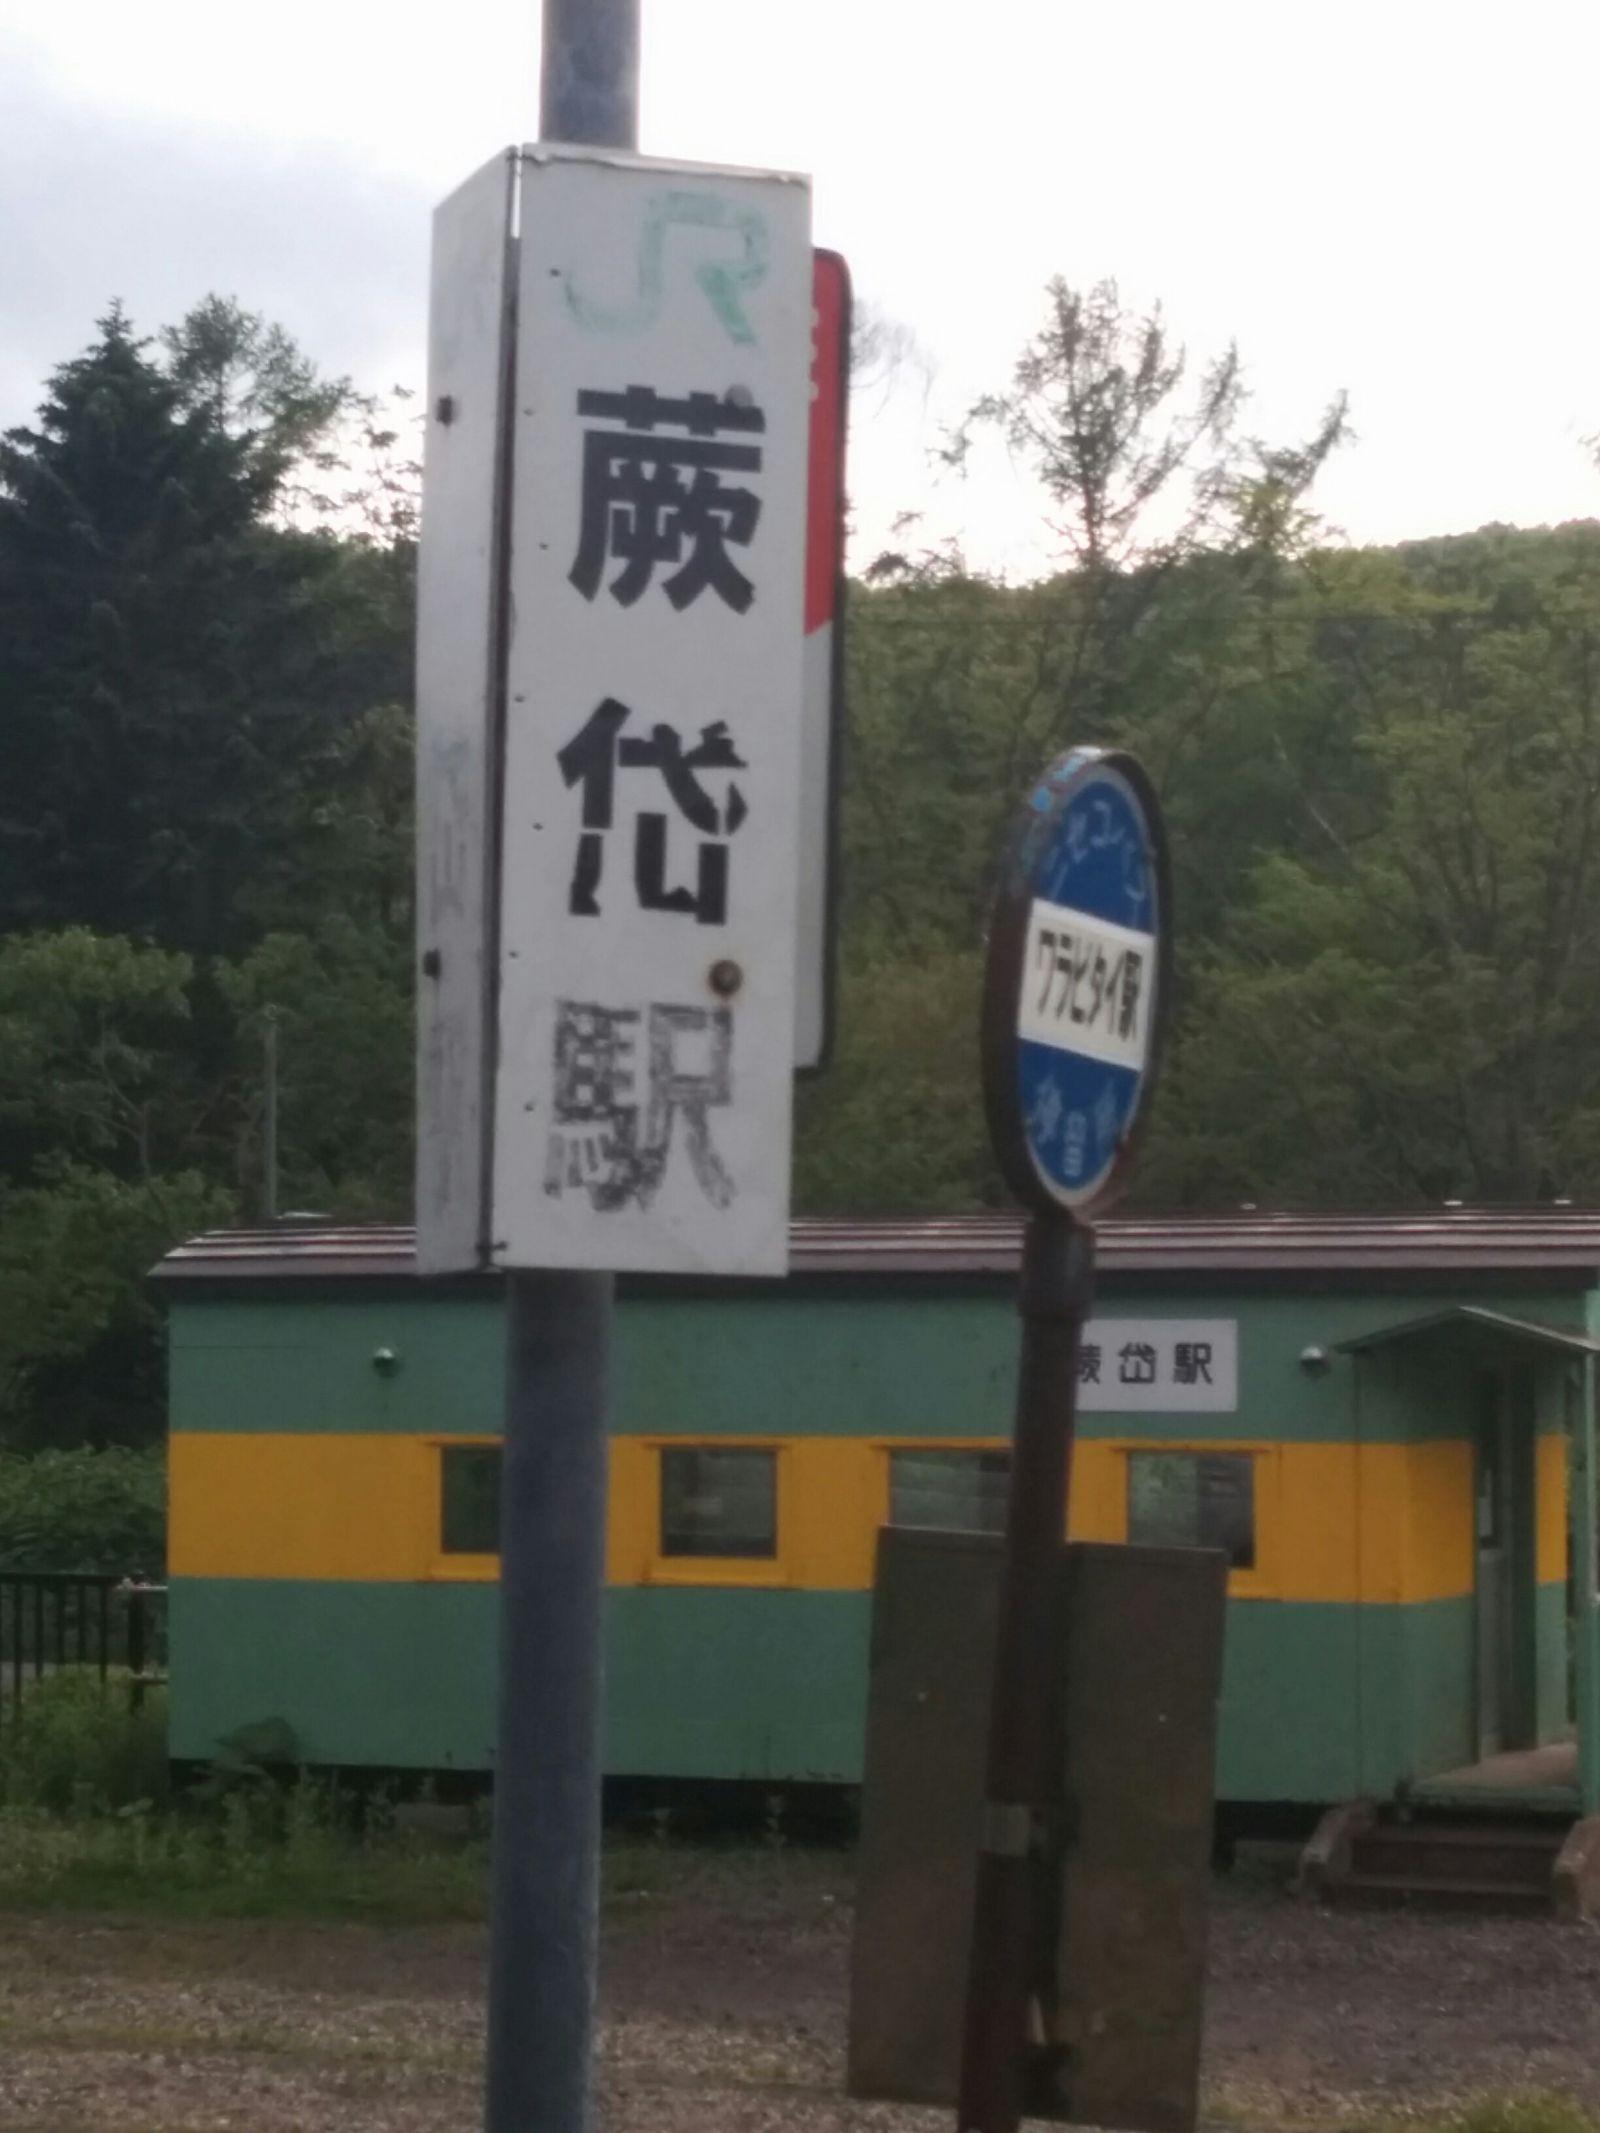 【長万部町】JR函館本線蕨岱駅観光案内です。